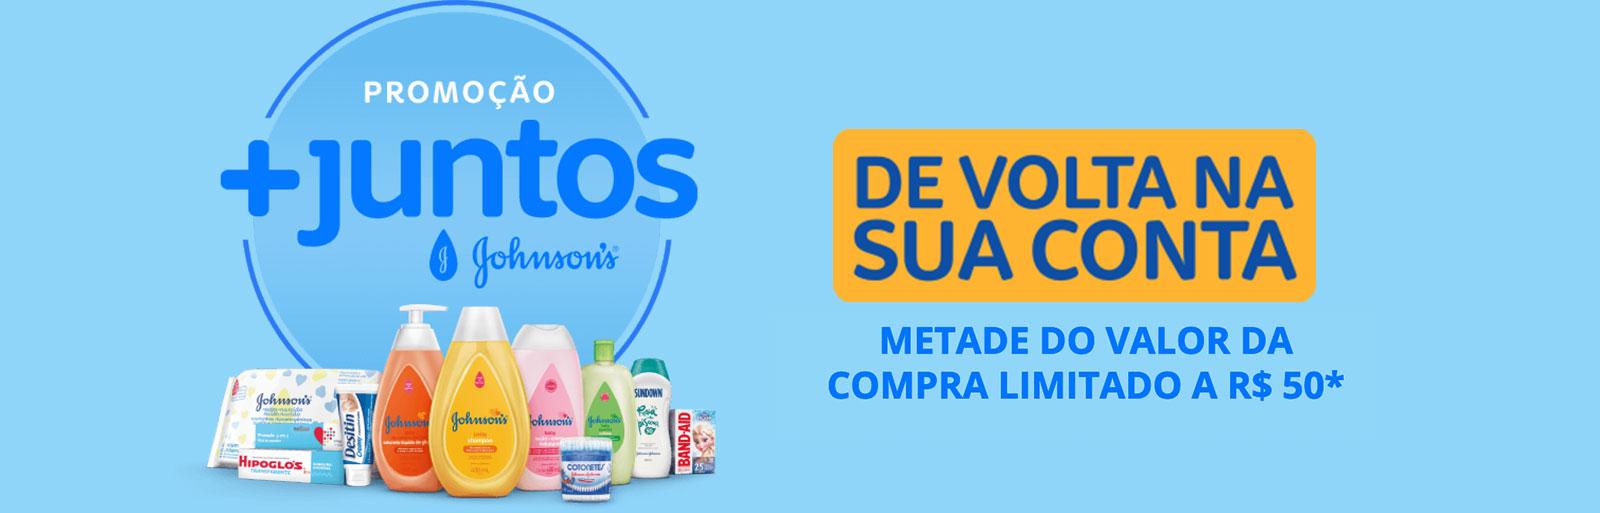 Promoção + Juntos Johnson´s